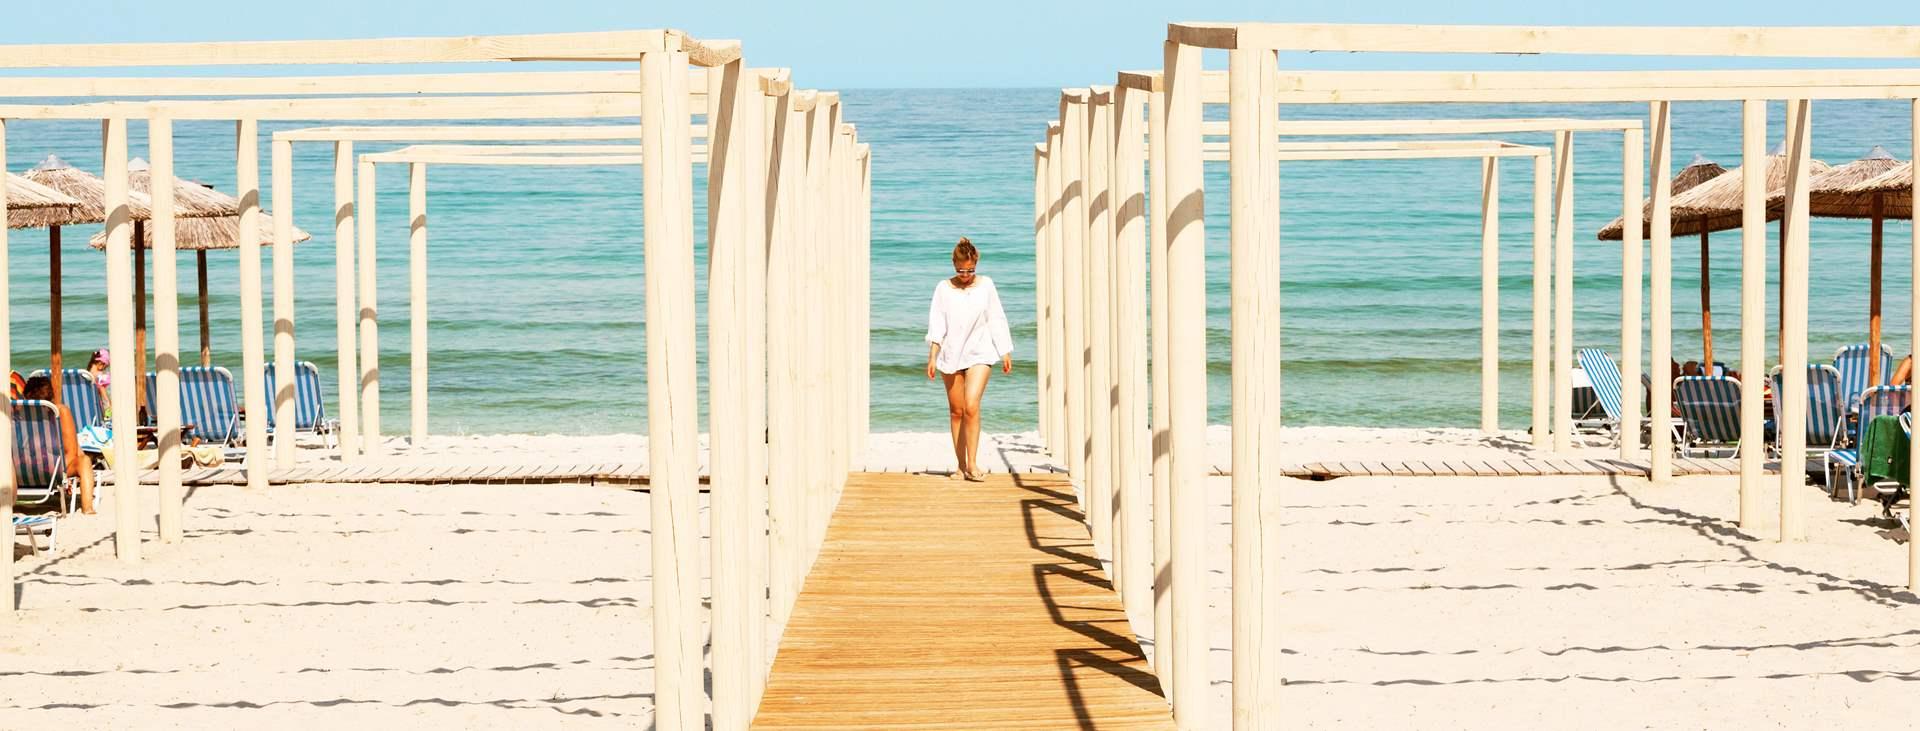 Varaa Tjäreborgin matka Golden Beachille, Thassokselle